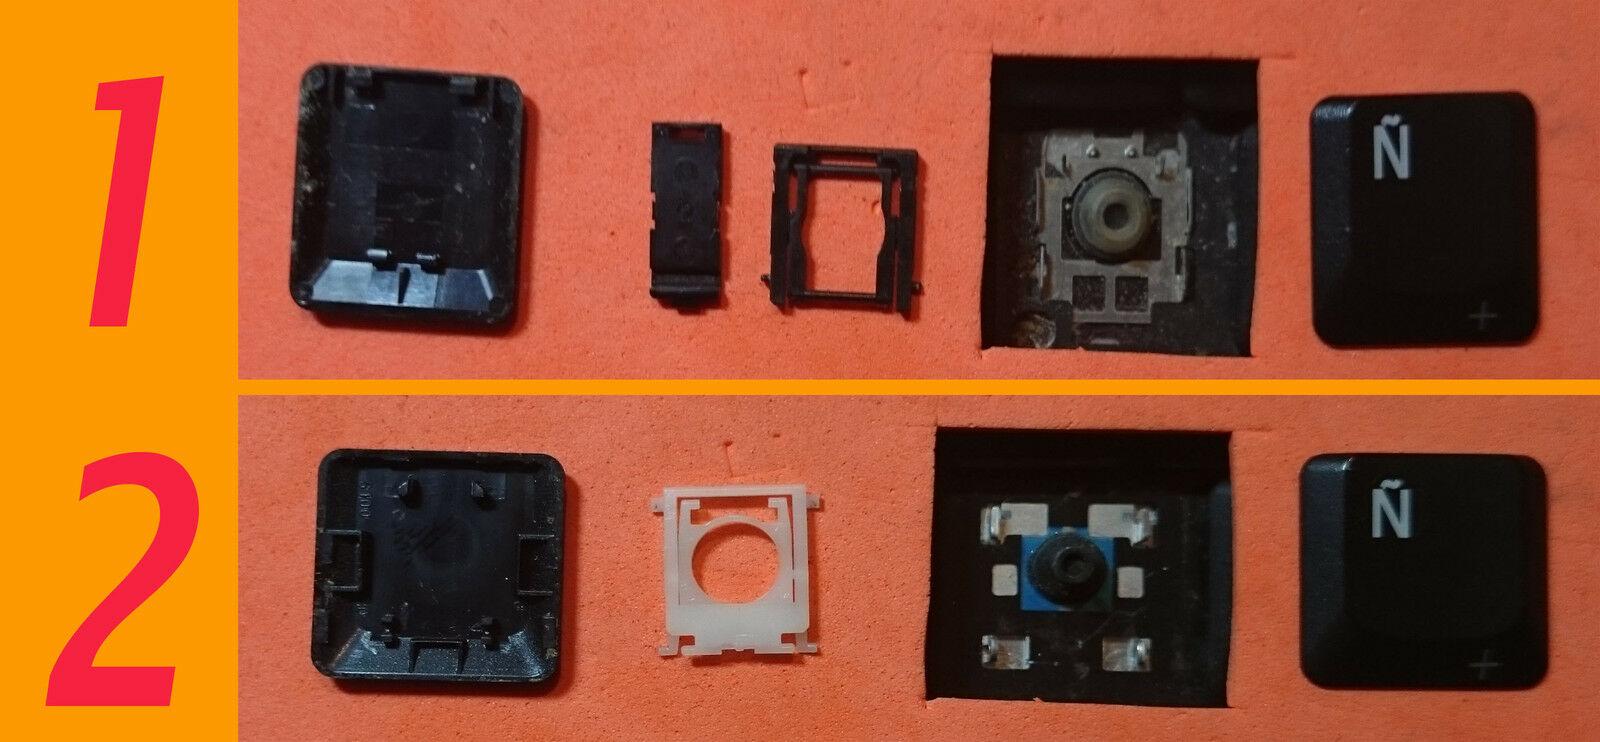 TECLA TECLAS DE TECLADO TOSHIBA TECRA M1 M2 M3 M4 M5 S1 S2 S3 S4 M5